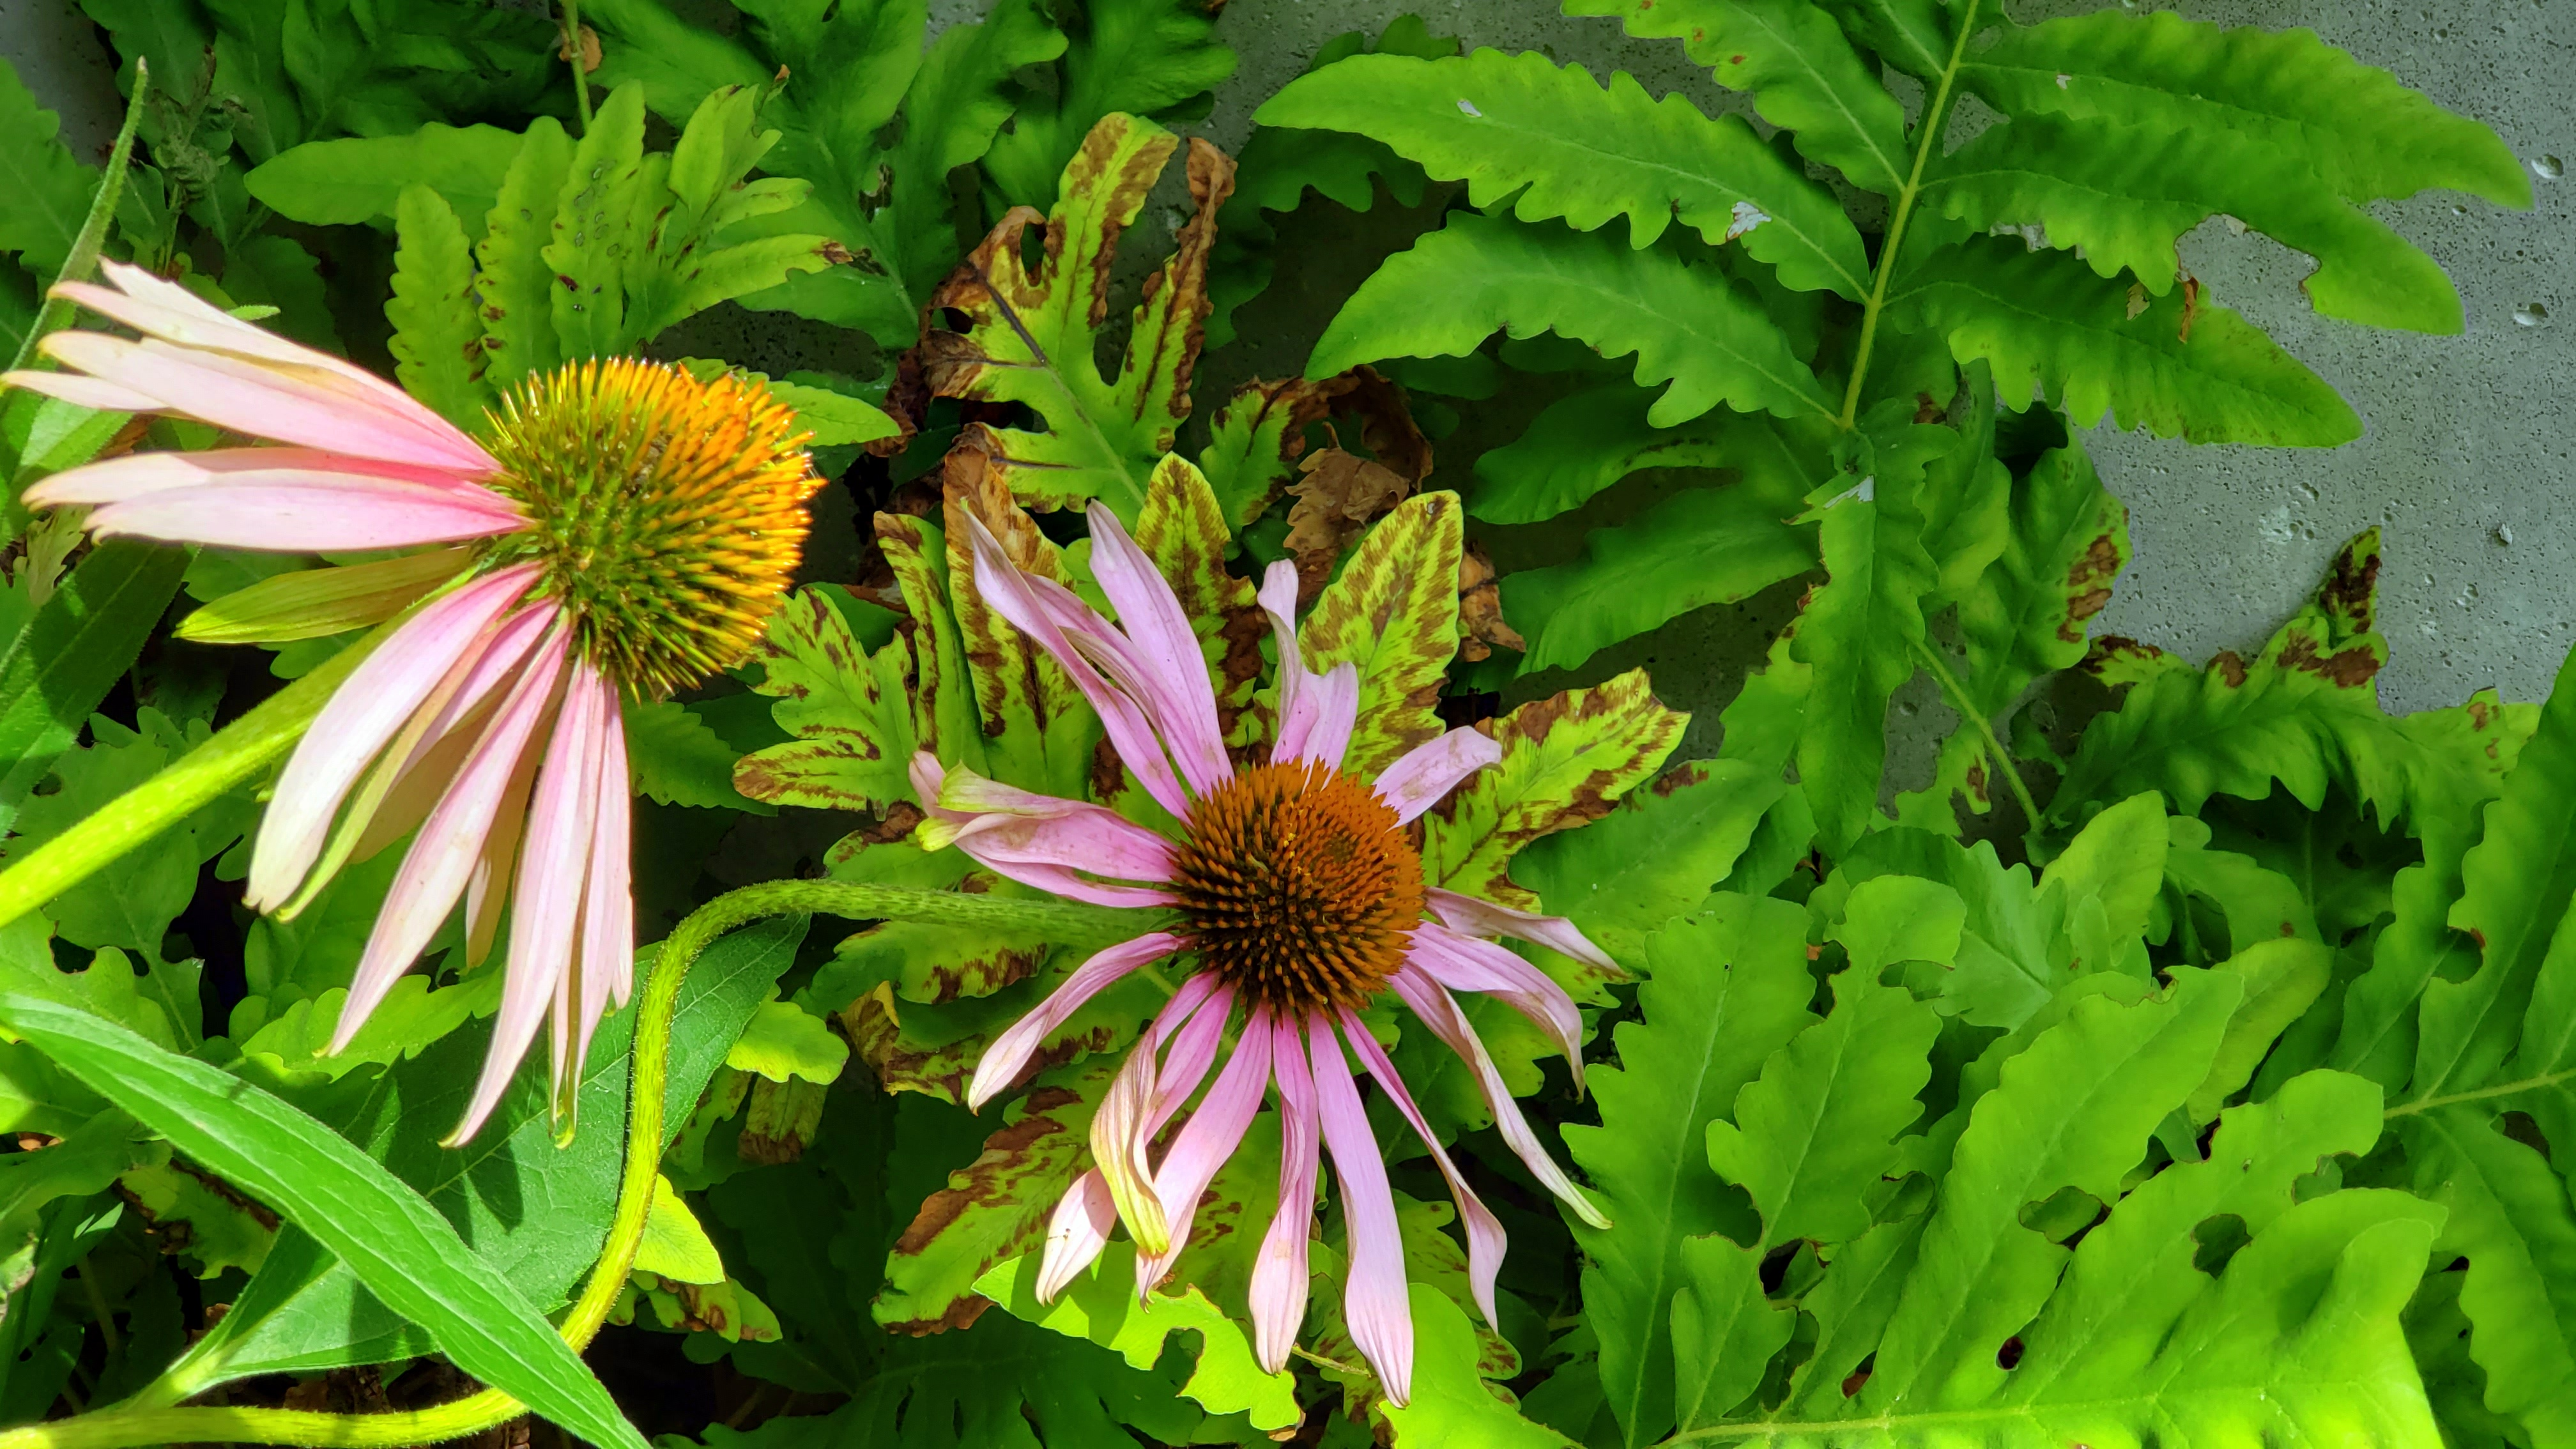 echinaceaflowersensitivefernfruitguild11Aug2020